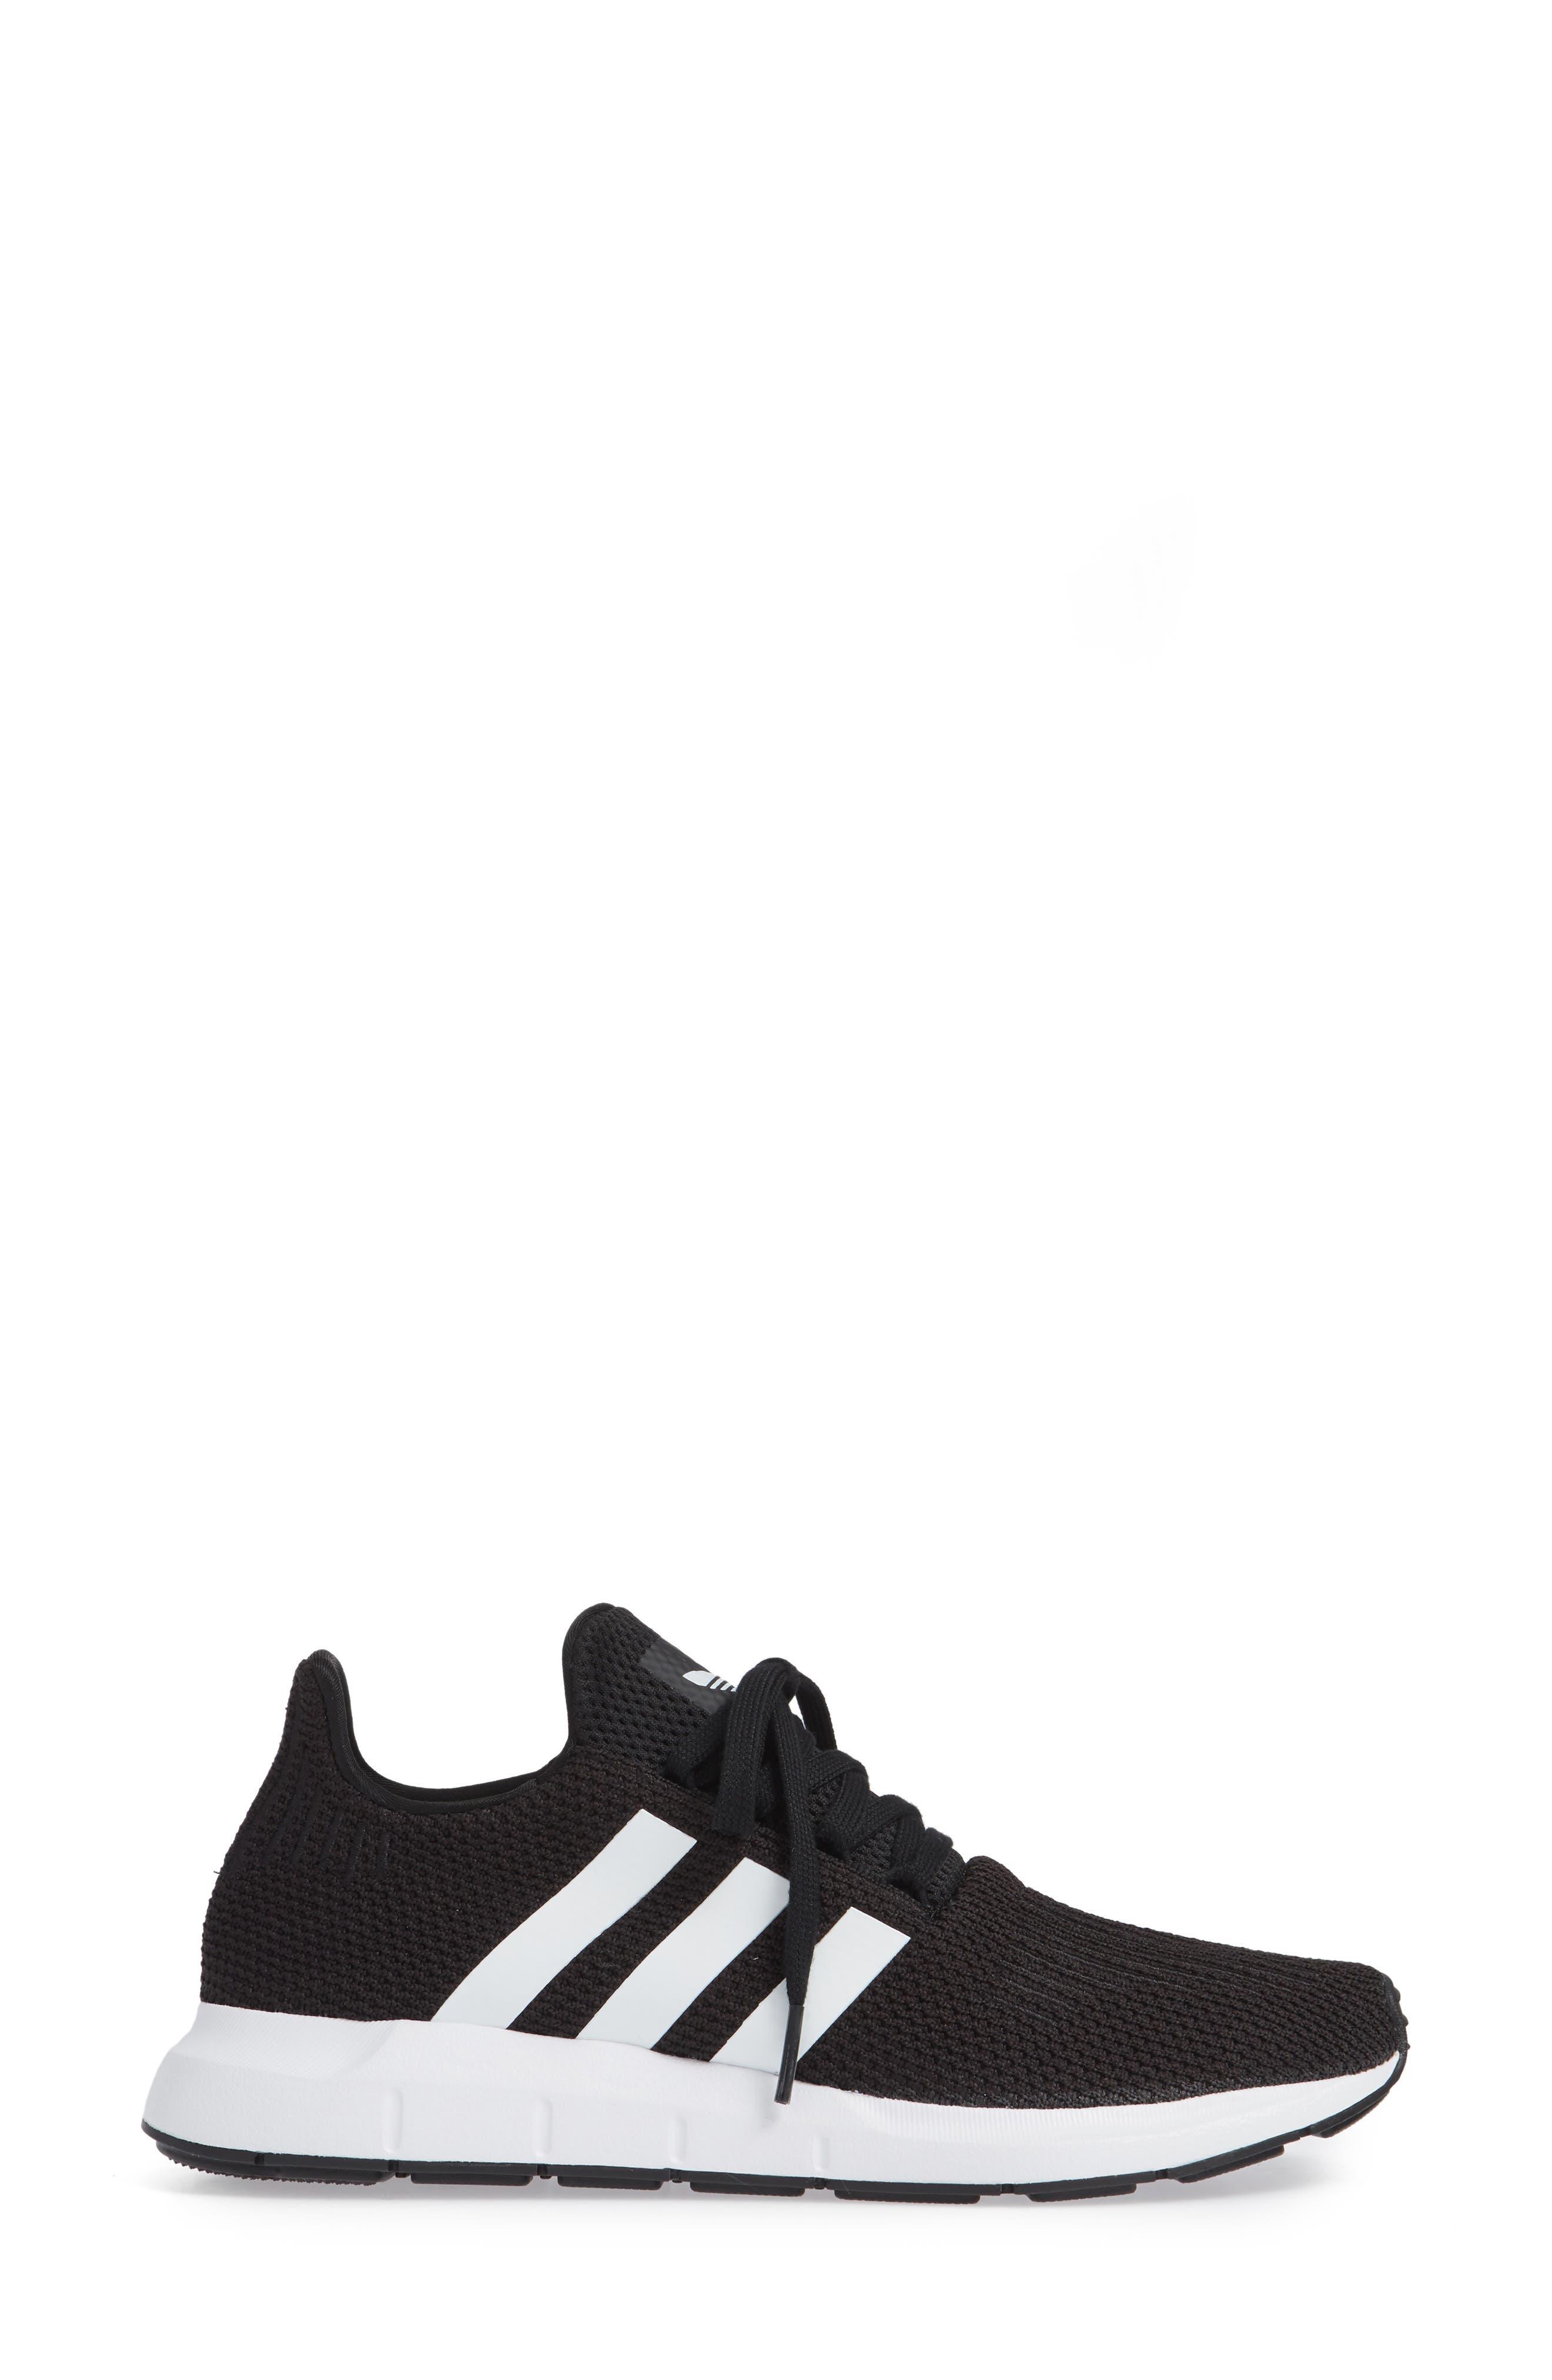 Swift Run Sneaker,                             Alternate thumbnail 6, color,                             Black/ White